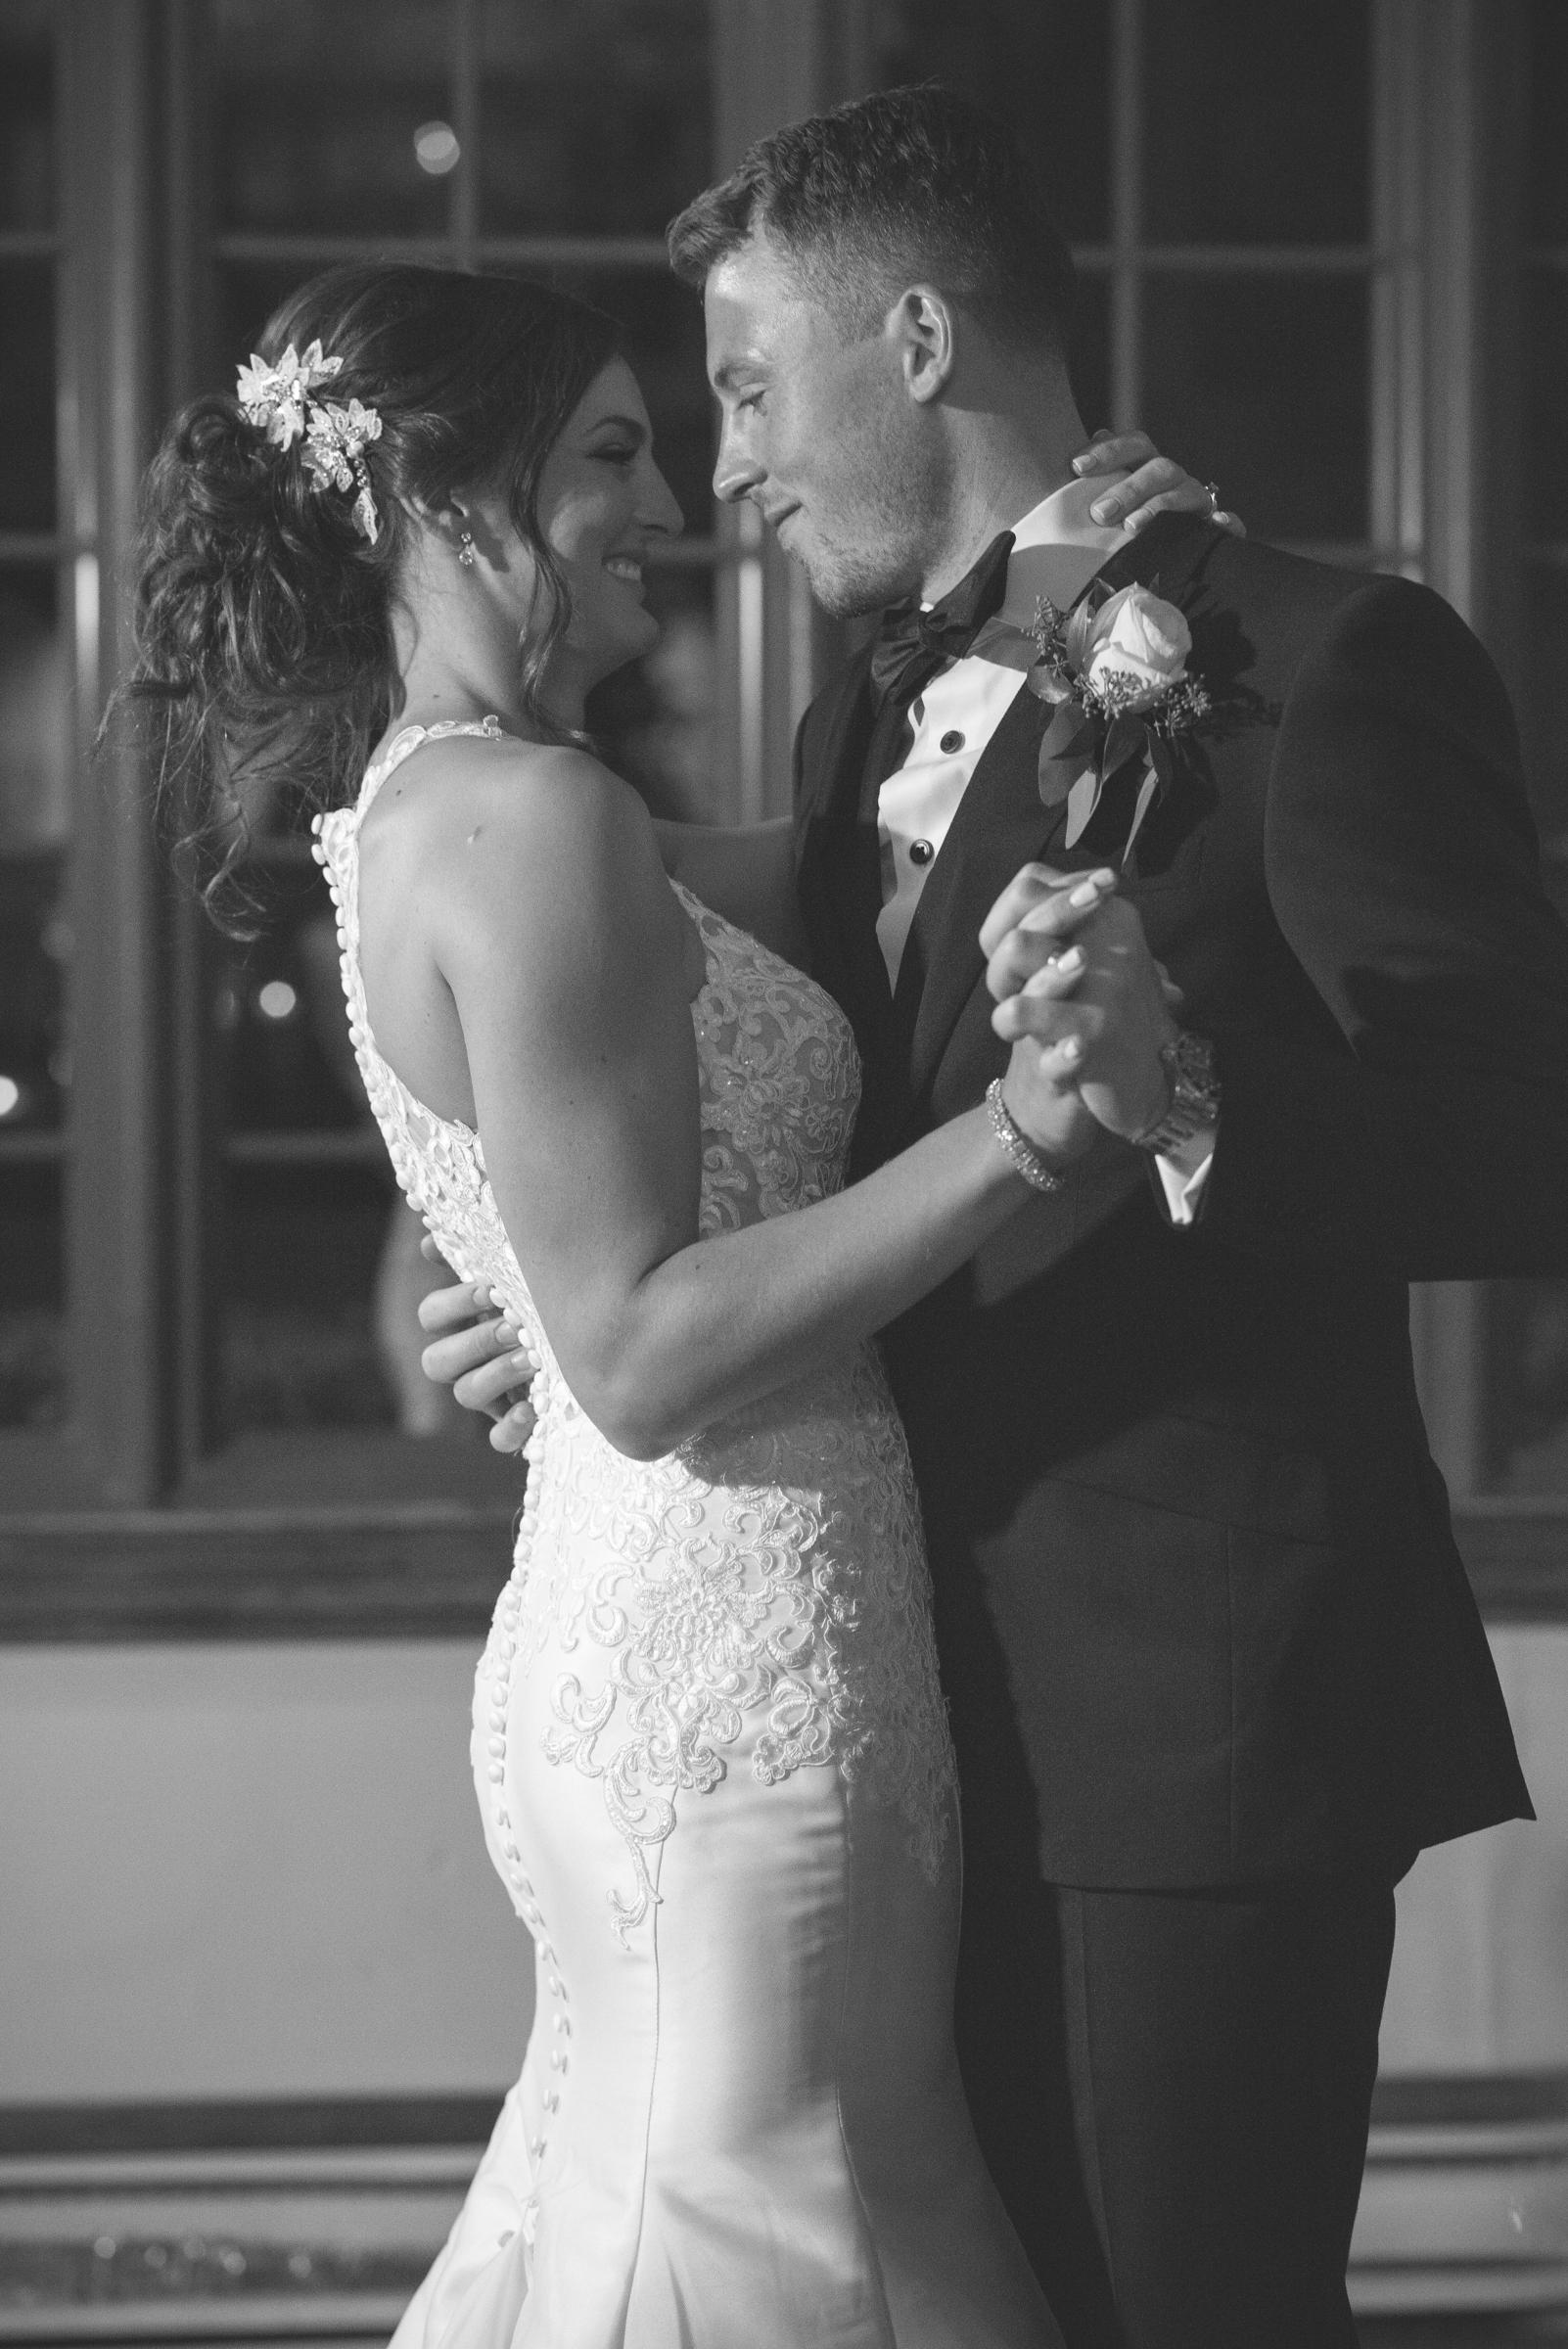 180824_KatieJake_Wedding_DSC_8201_Web.jpg